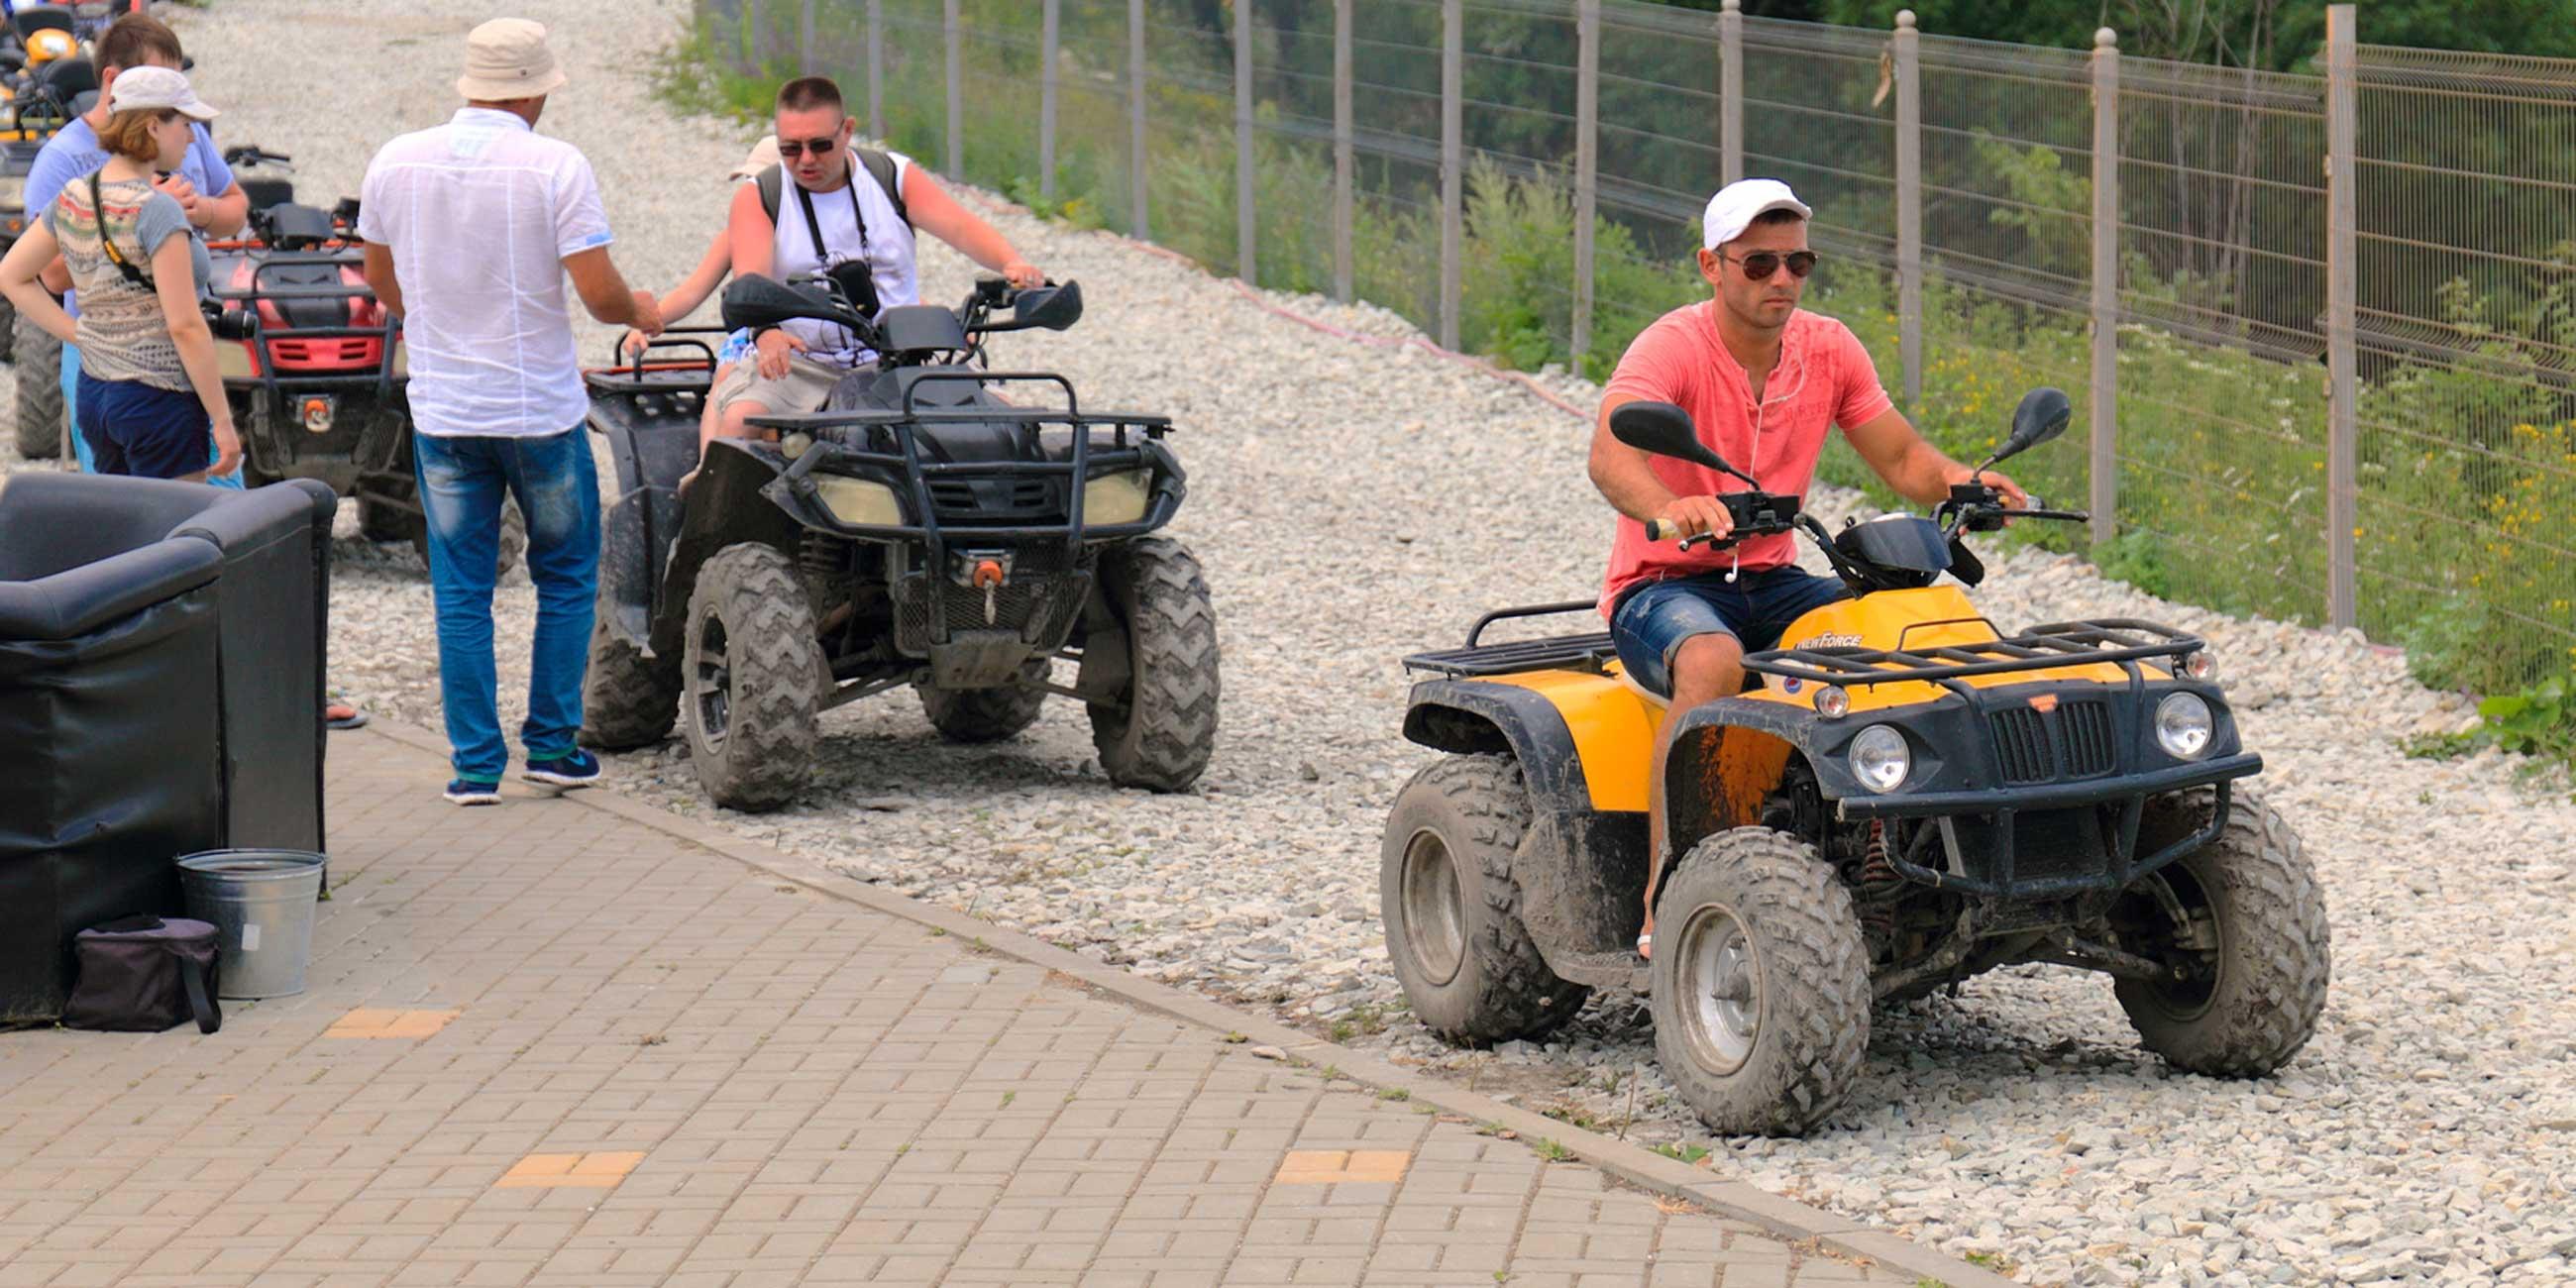 В парке можно взять в аренду джипы, квадрациклы и горные велосипеды.Фото: Николай ГОЛИКОВ, lori.ru